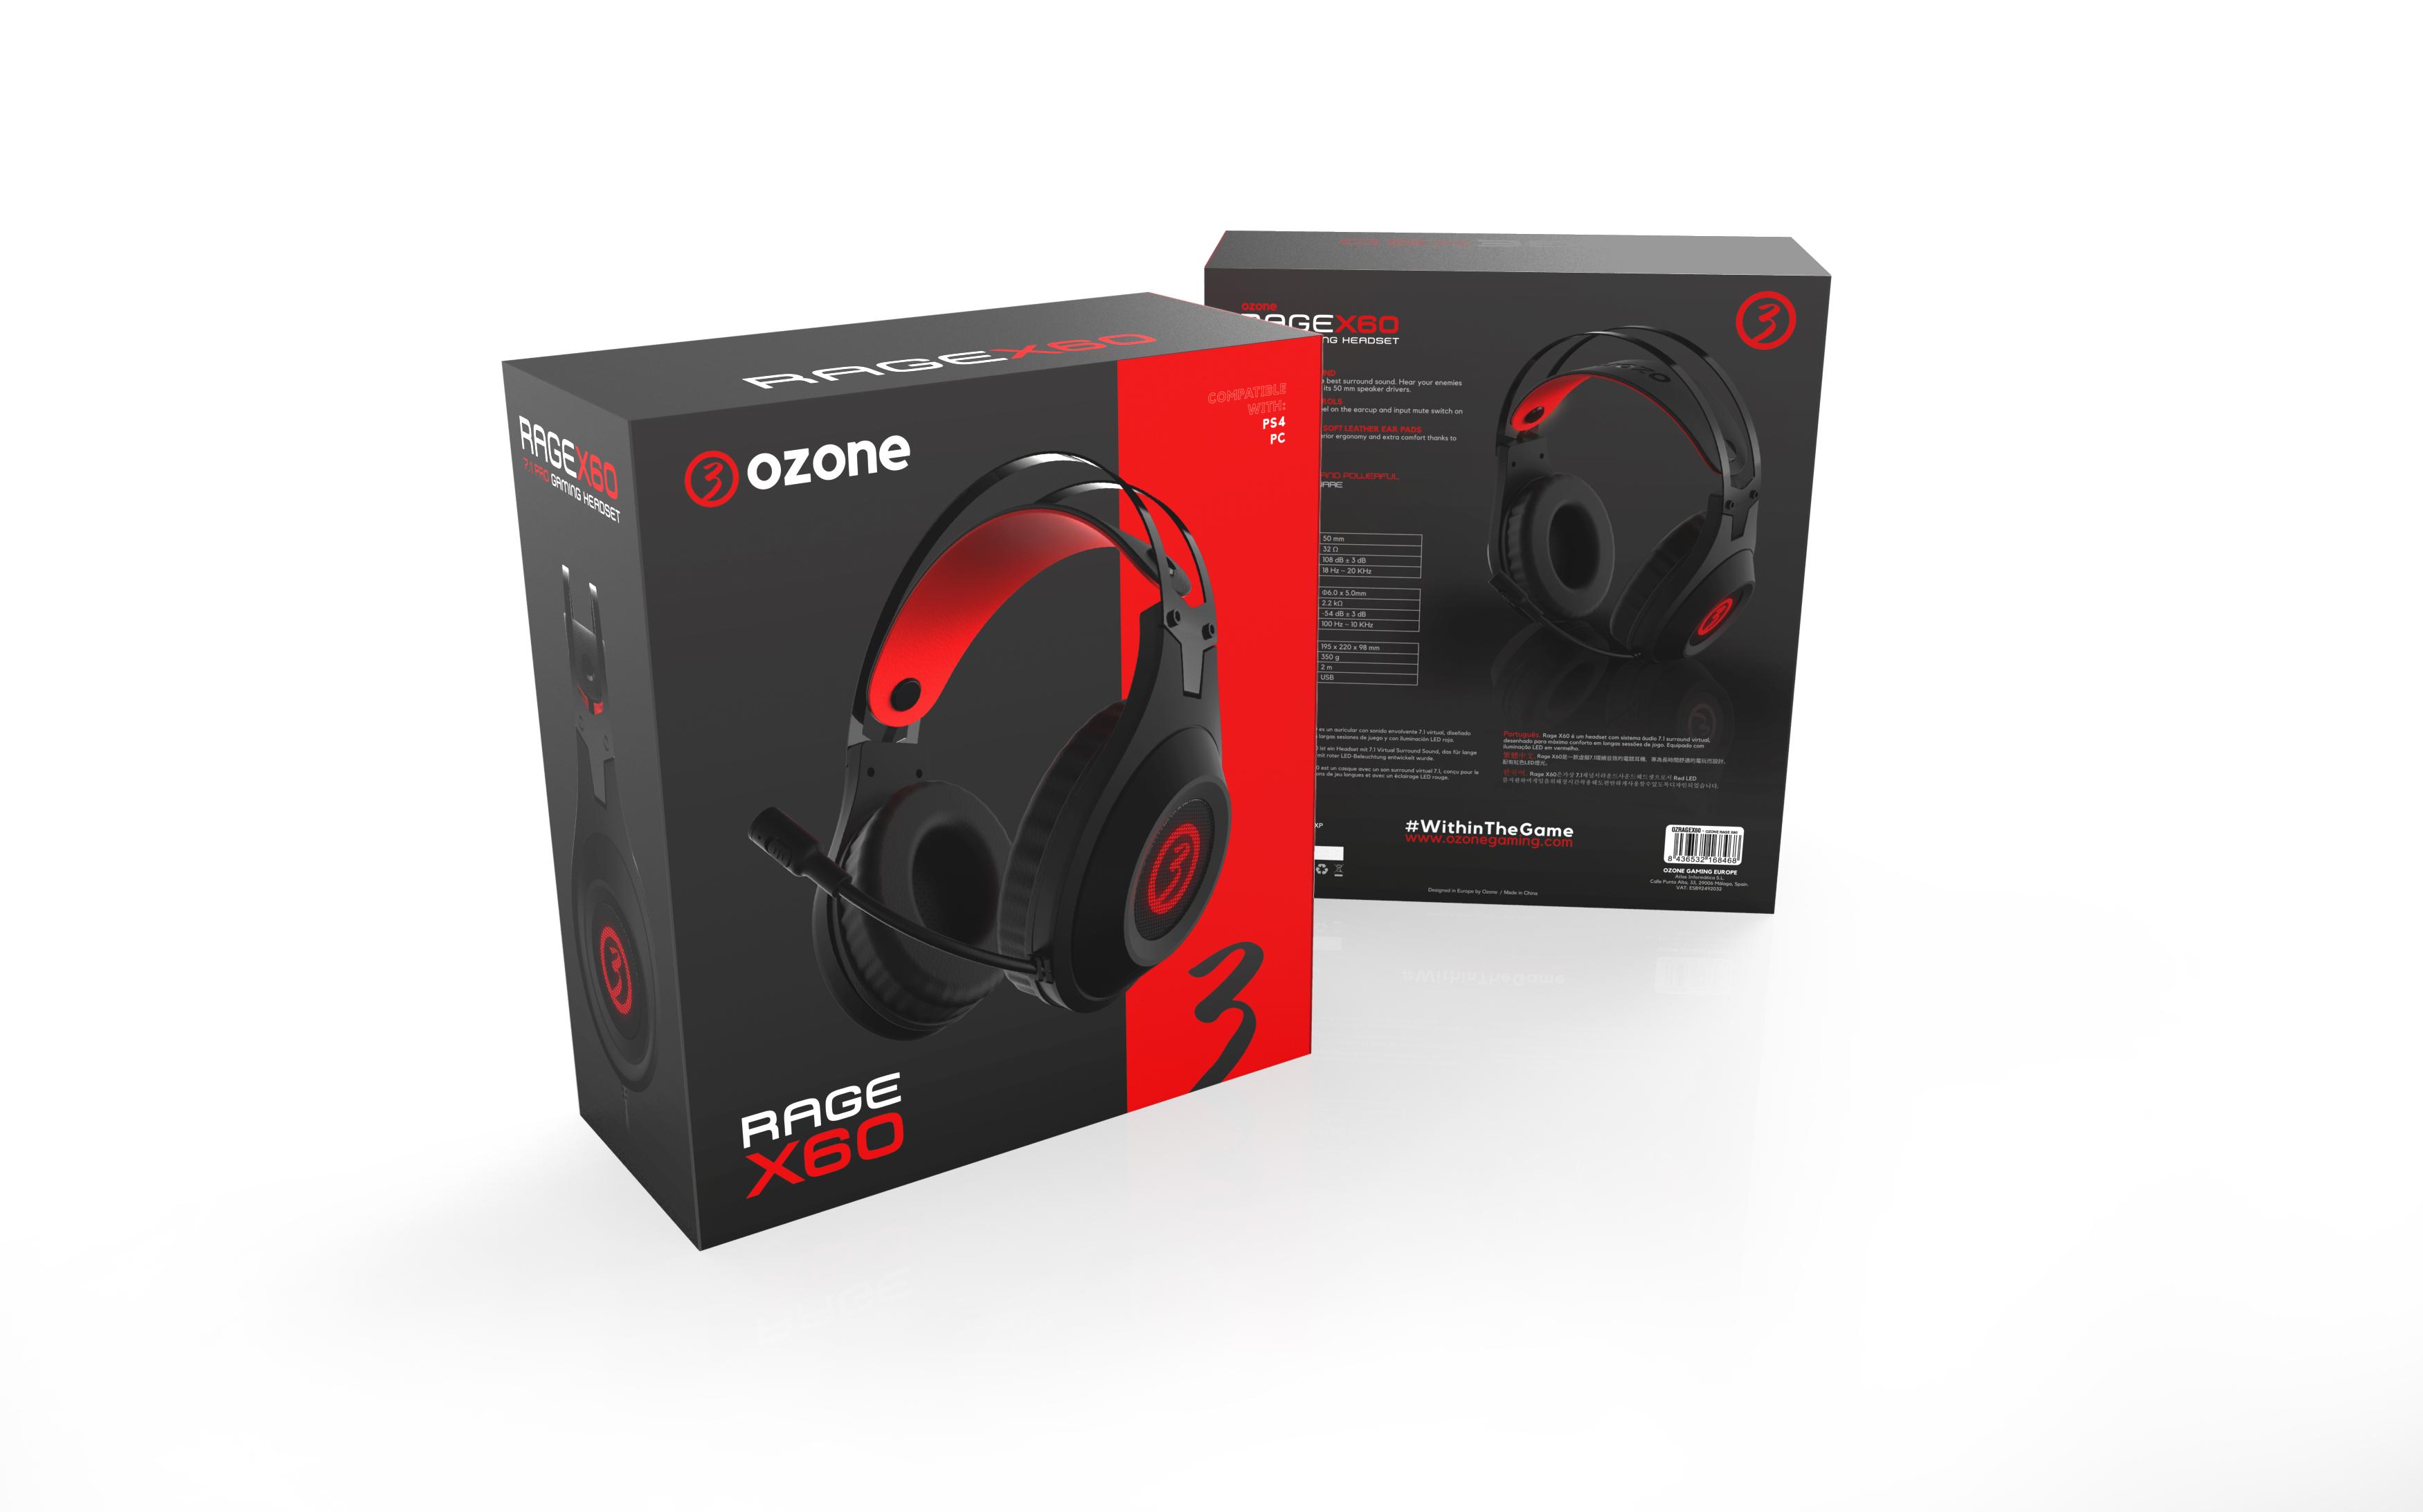 ozone_rage_x60_packaging.jpg